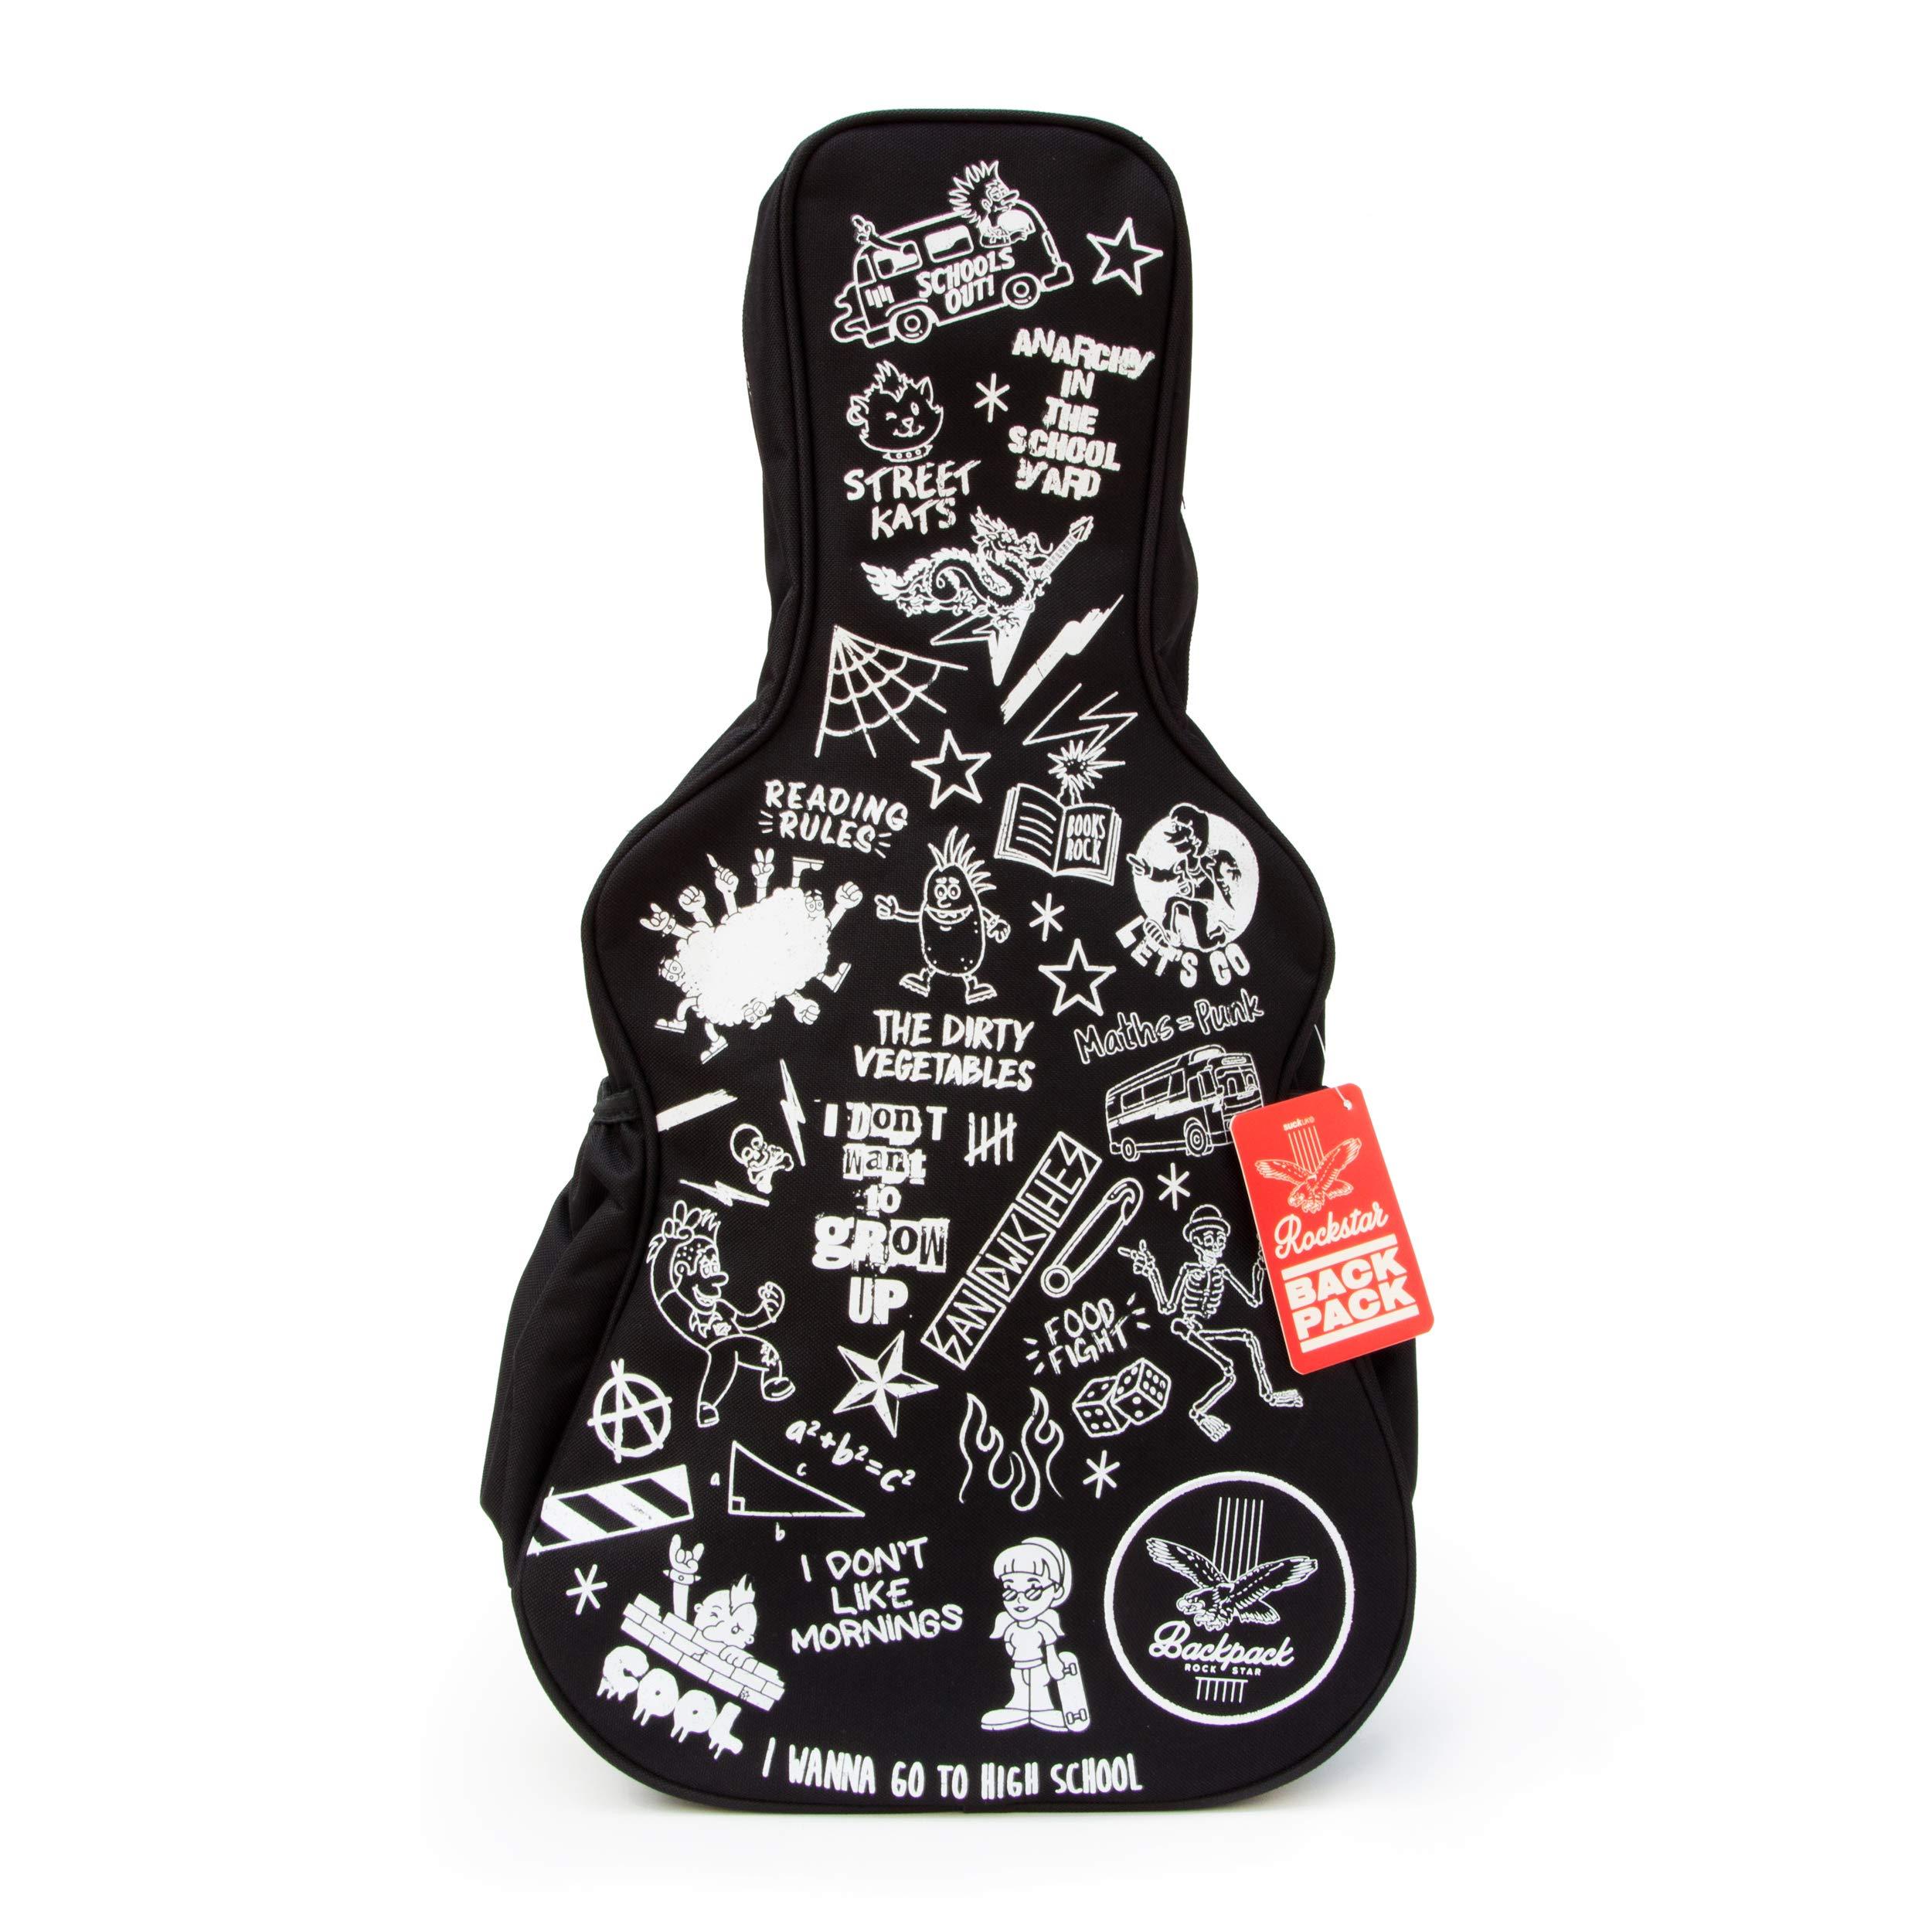 SUCK UK Kids Guitar Case Girls Bag   Mini Backpack for Boys & Girls, Black/White, One Size by Suck UK